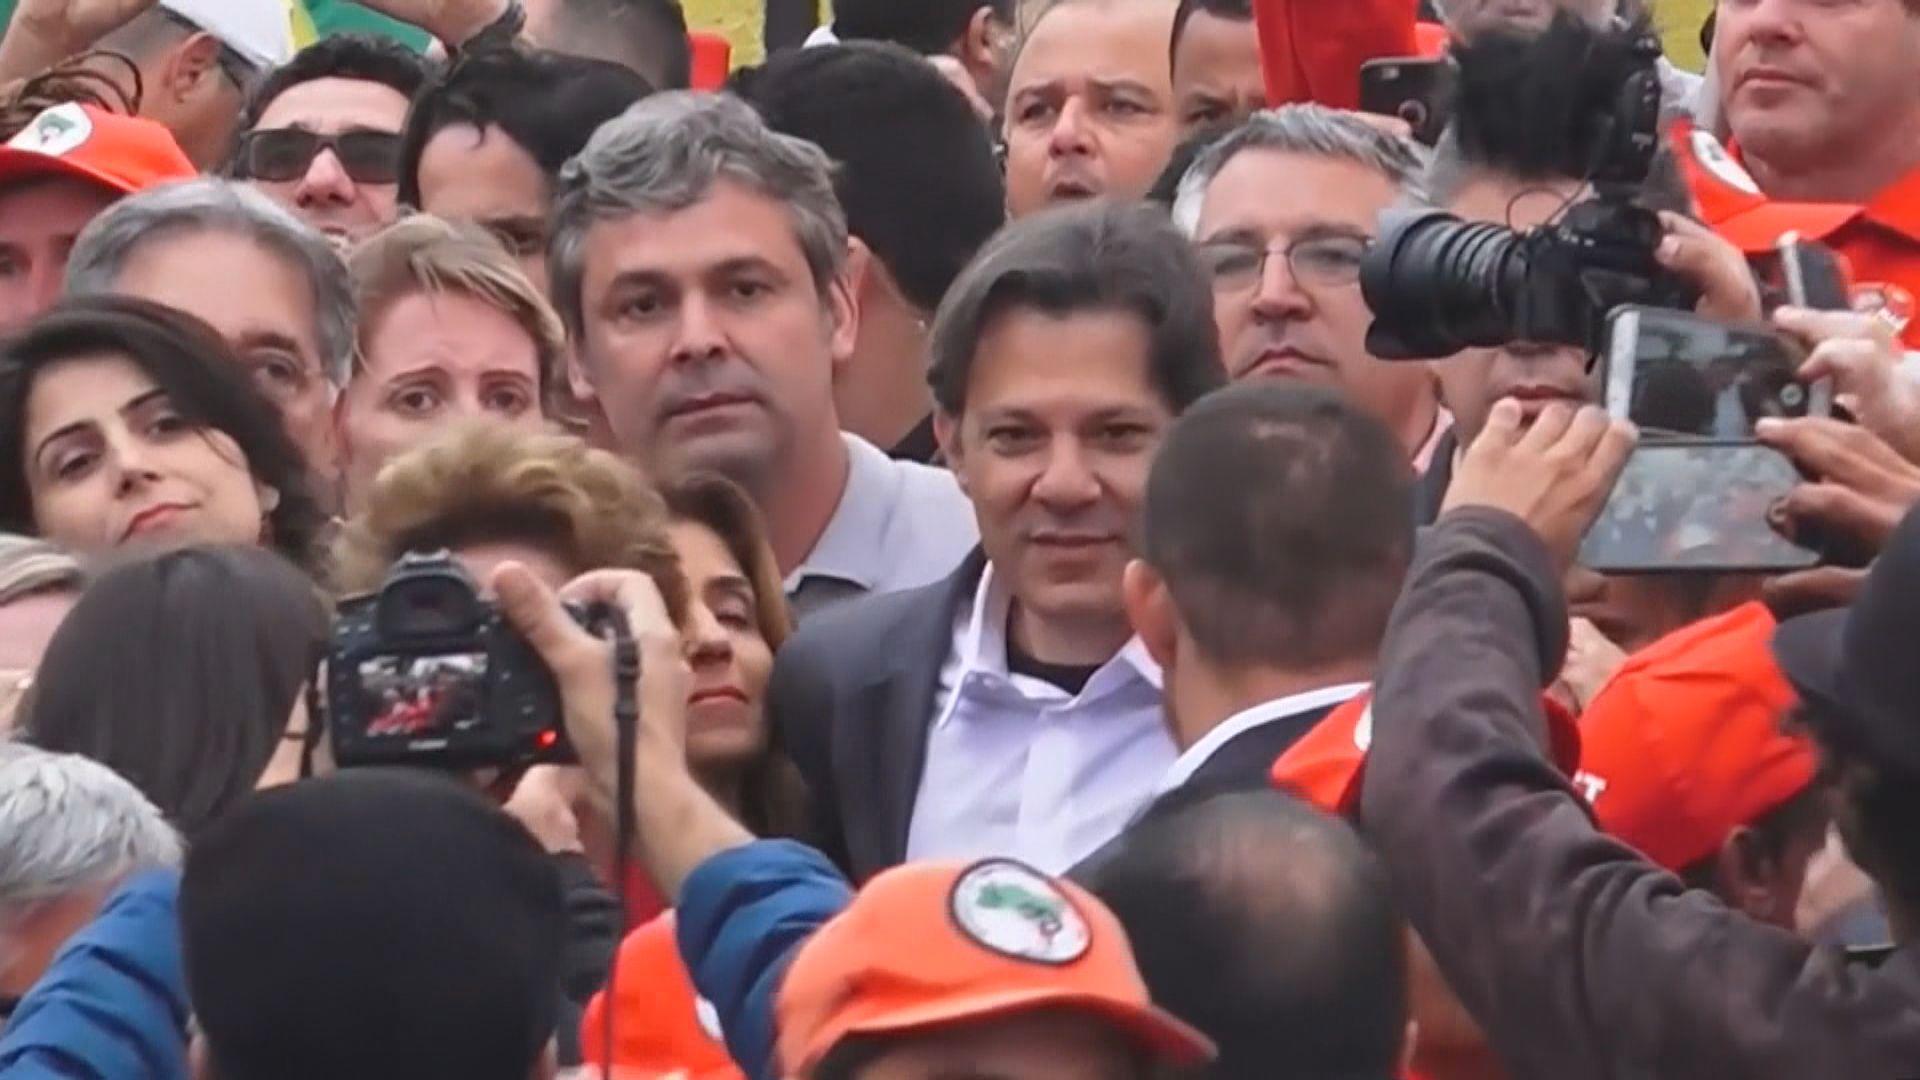 巴西大選 阿達擴大聯盟或可反敗為勝